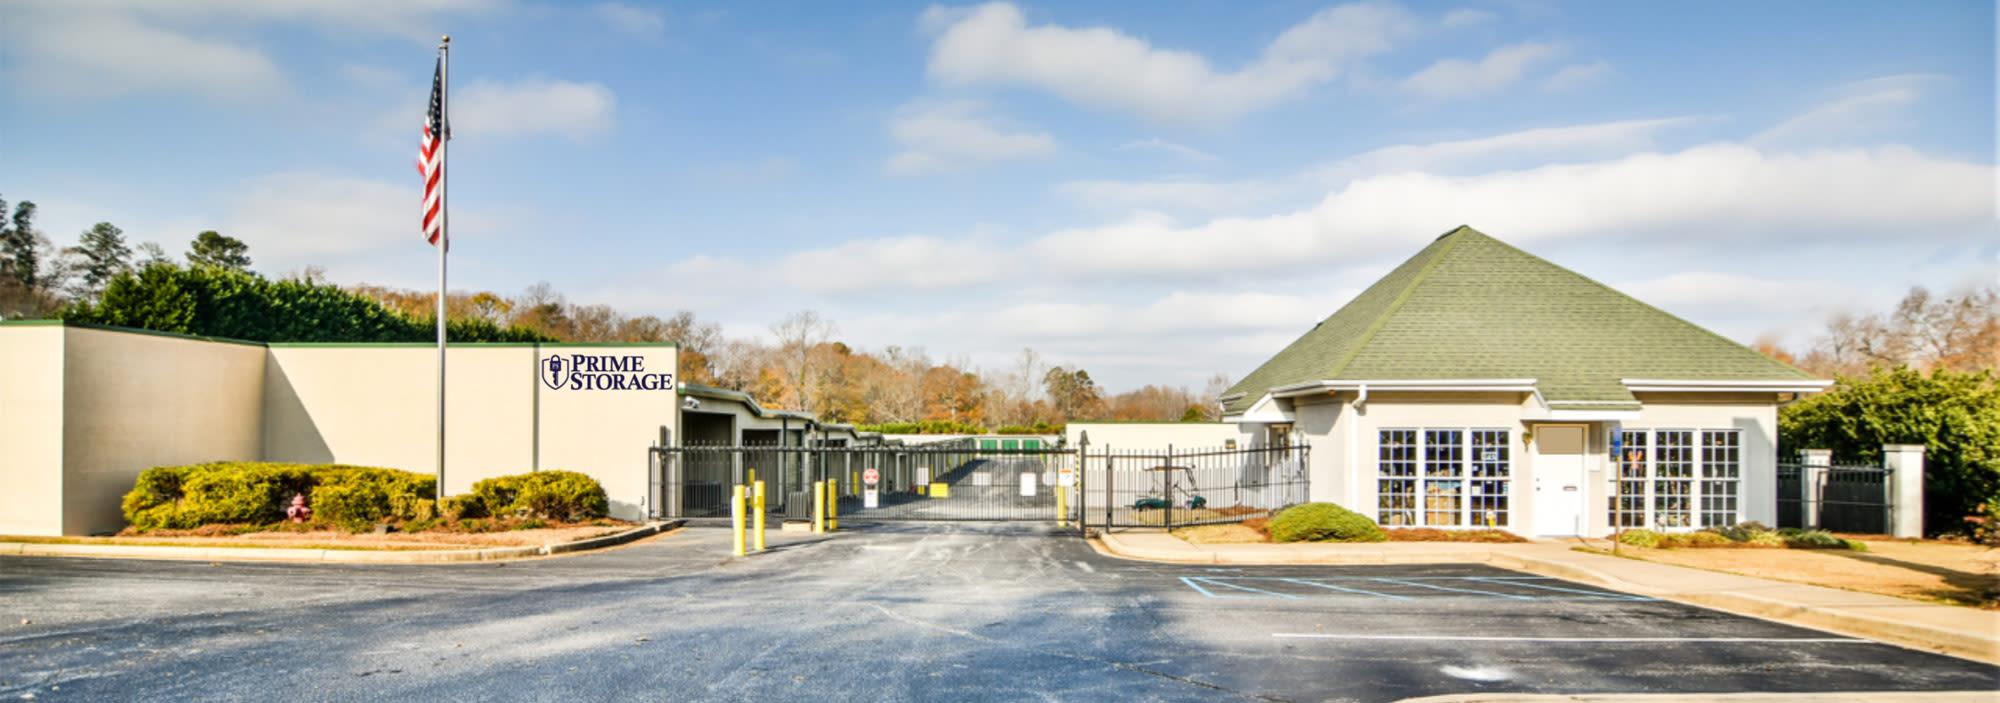 Prime Storage in Greenville, South Carolina